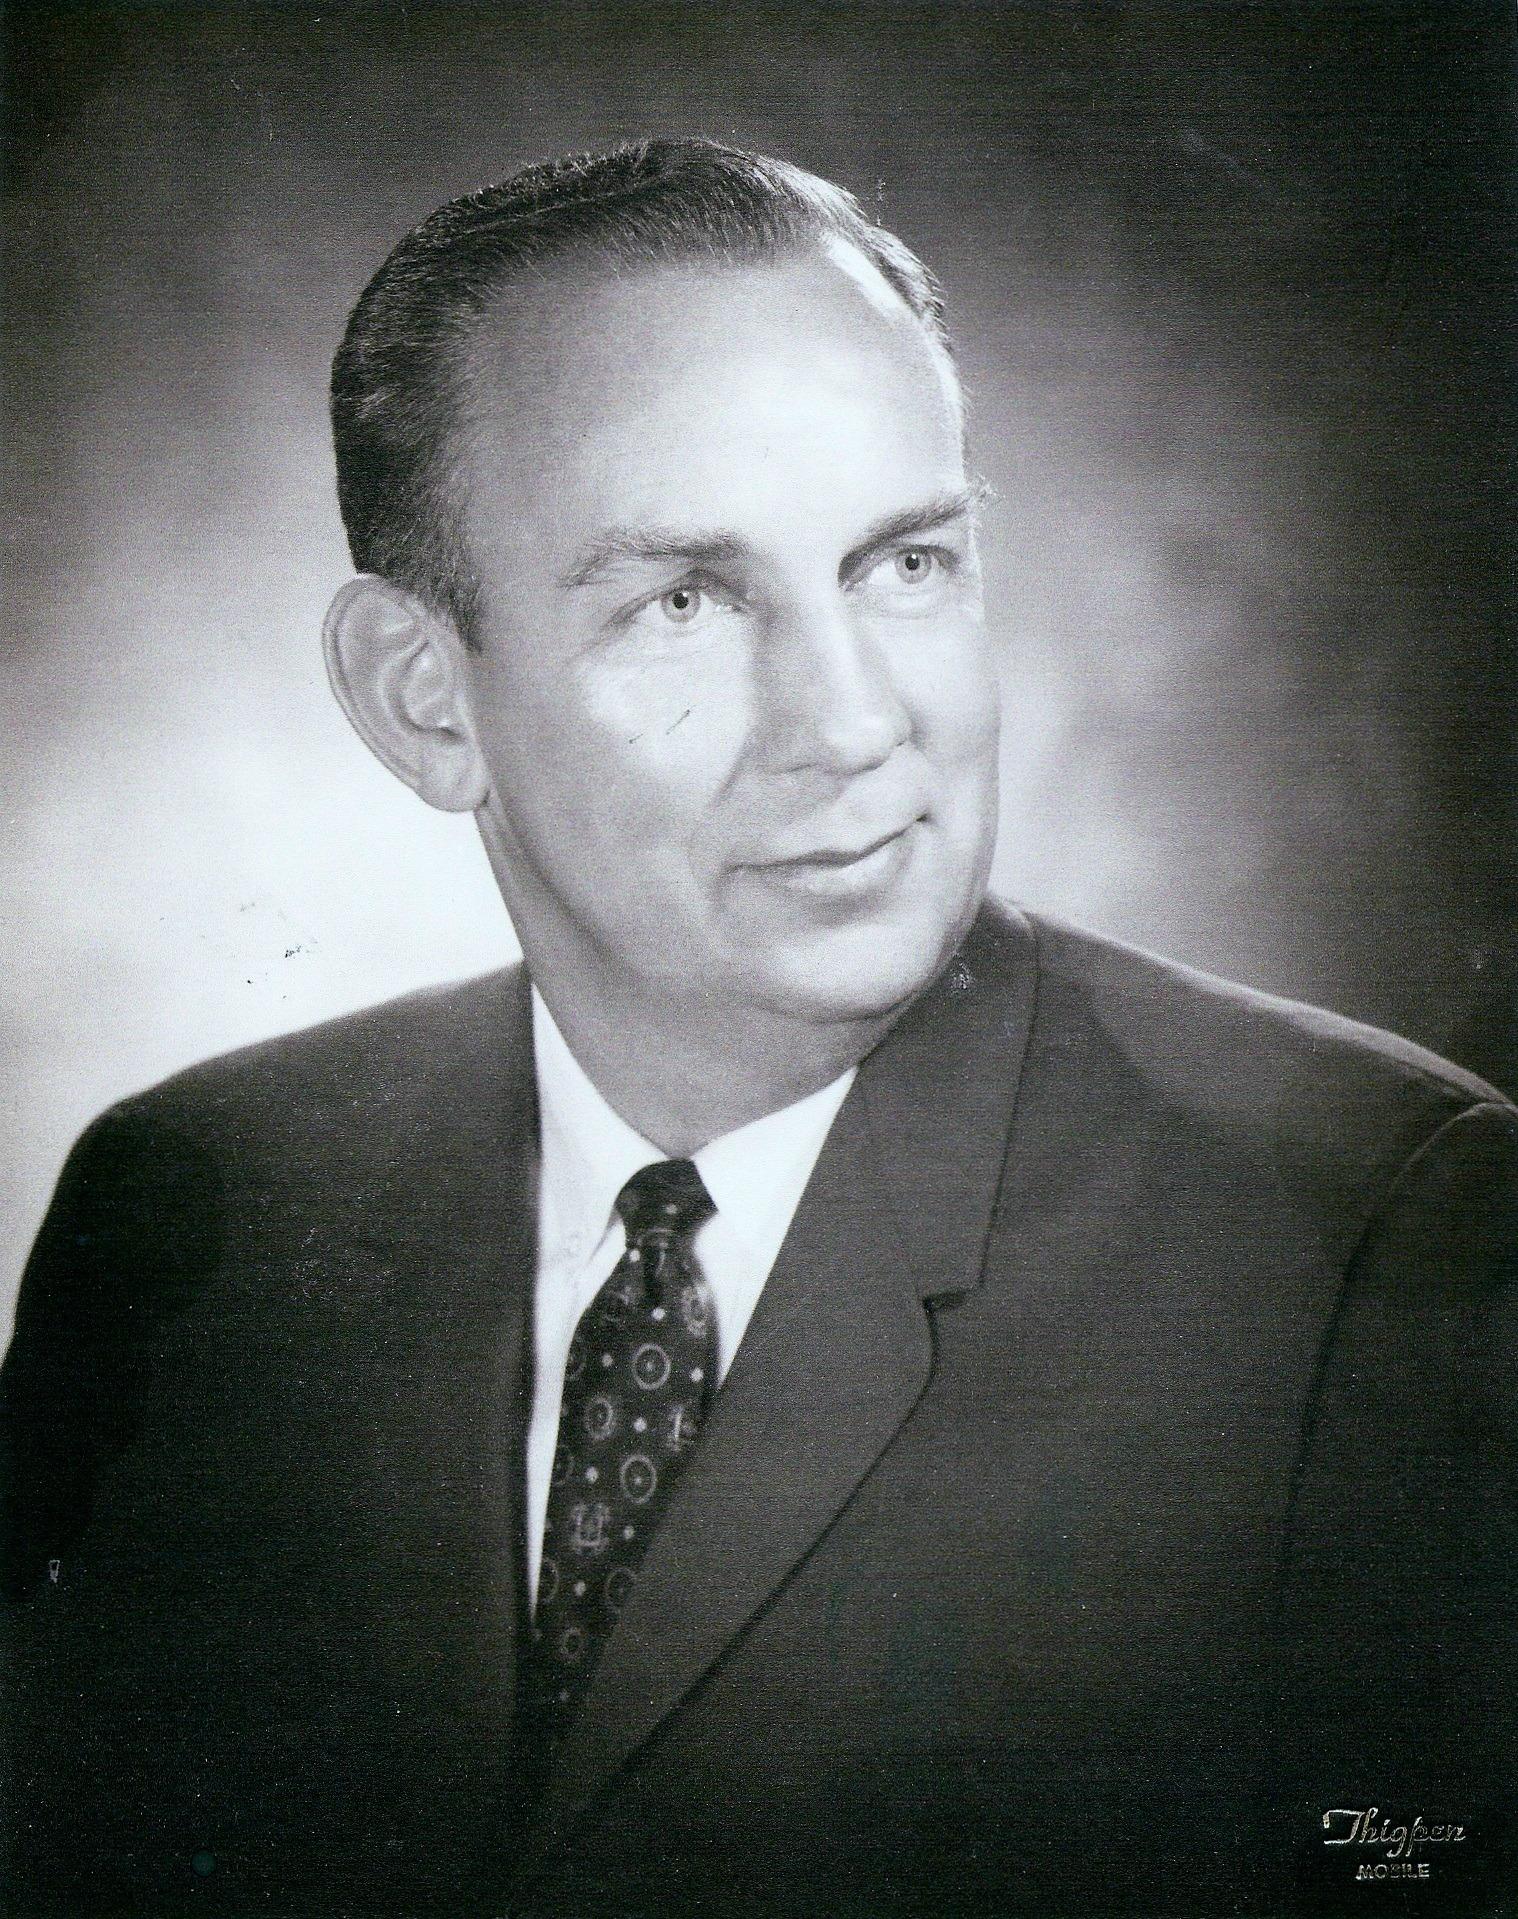 H. Carl Sandberg